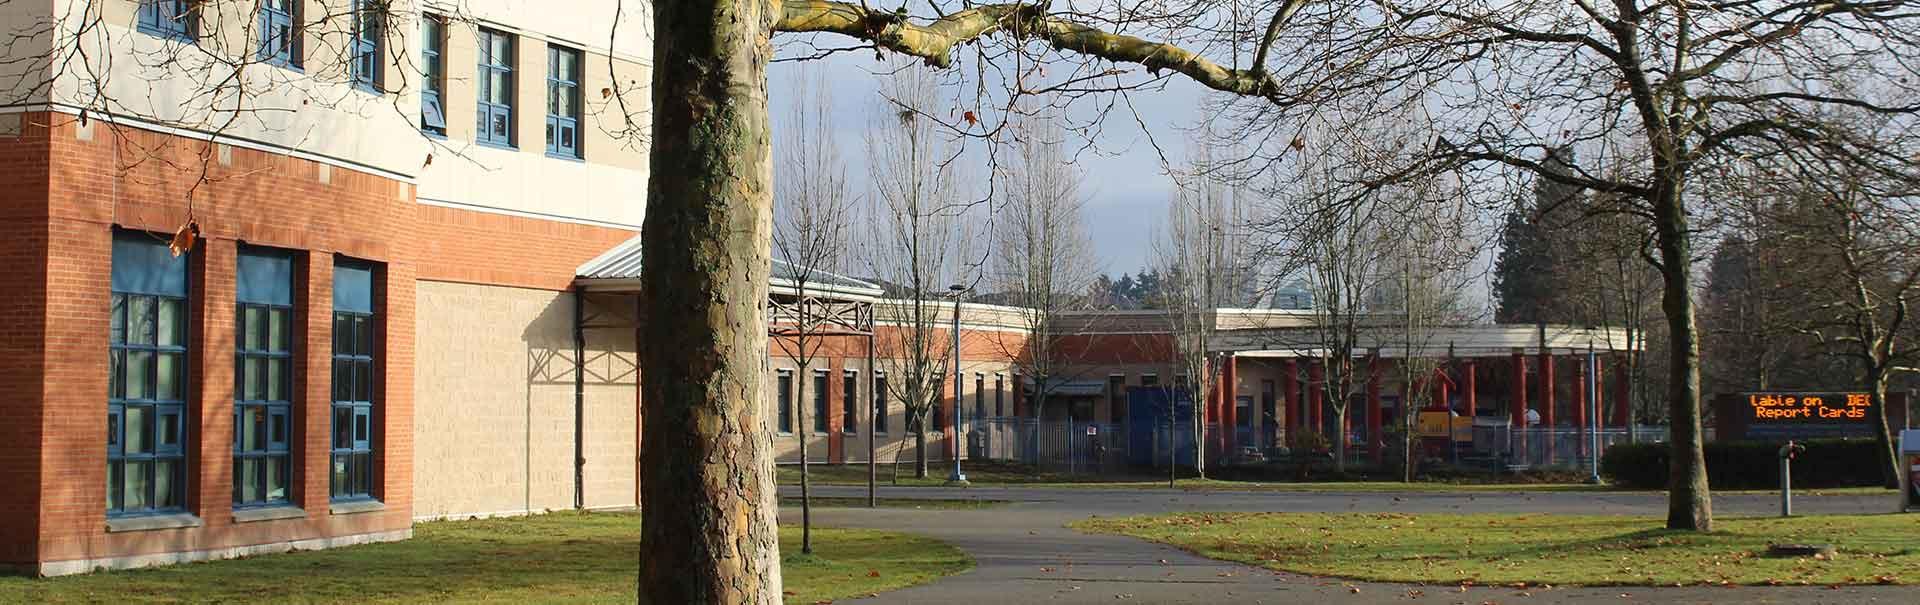 BurnabySchoolDistrict-SchoolFront-Banner-2020